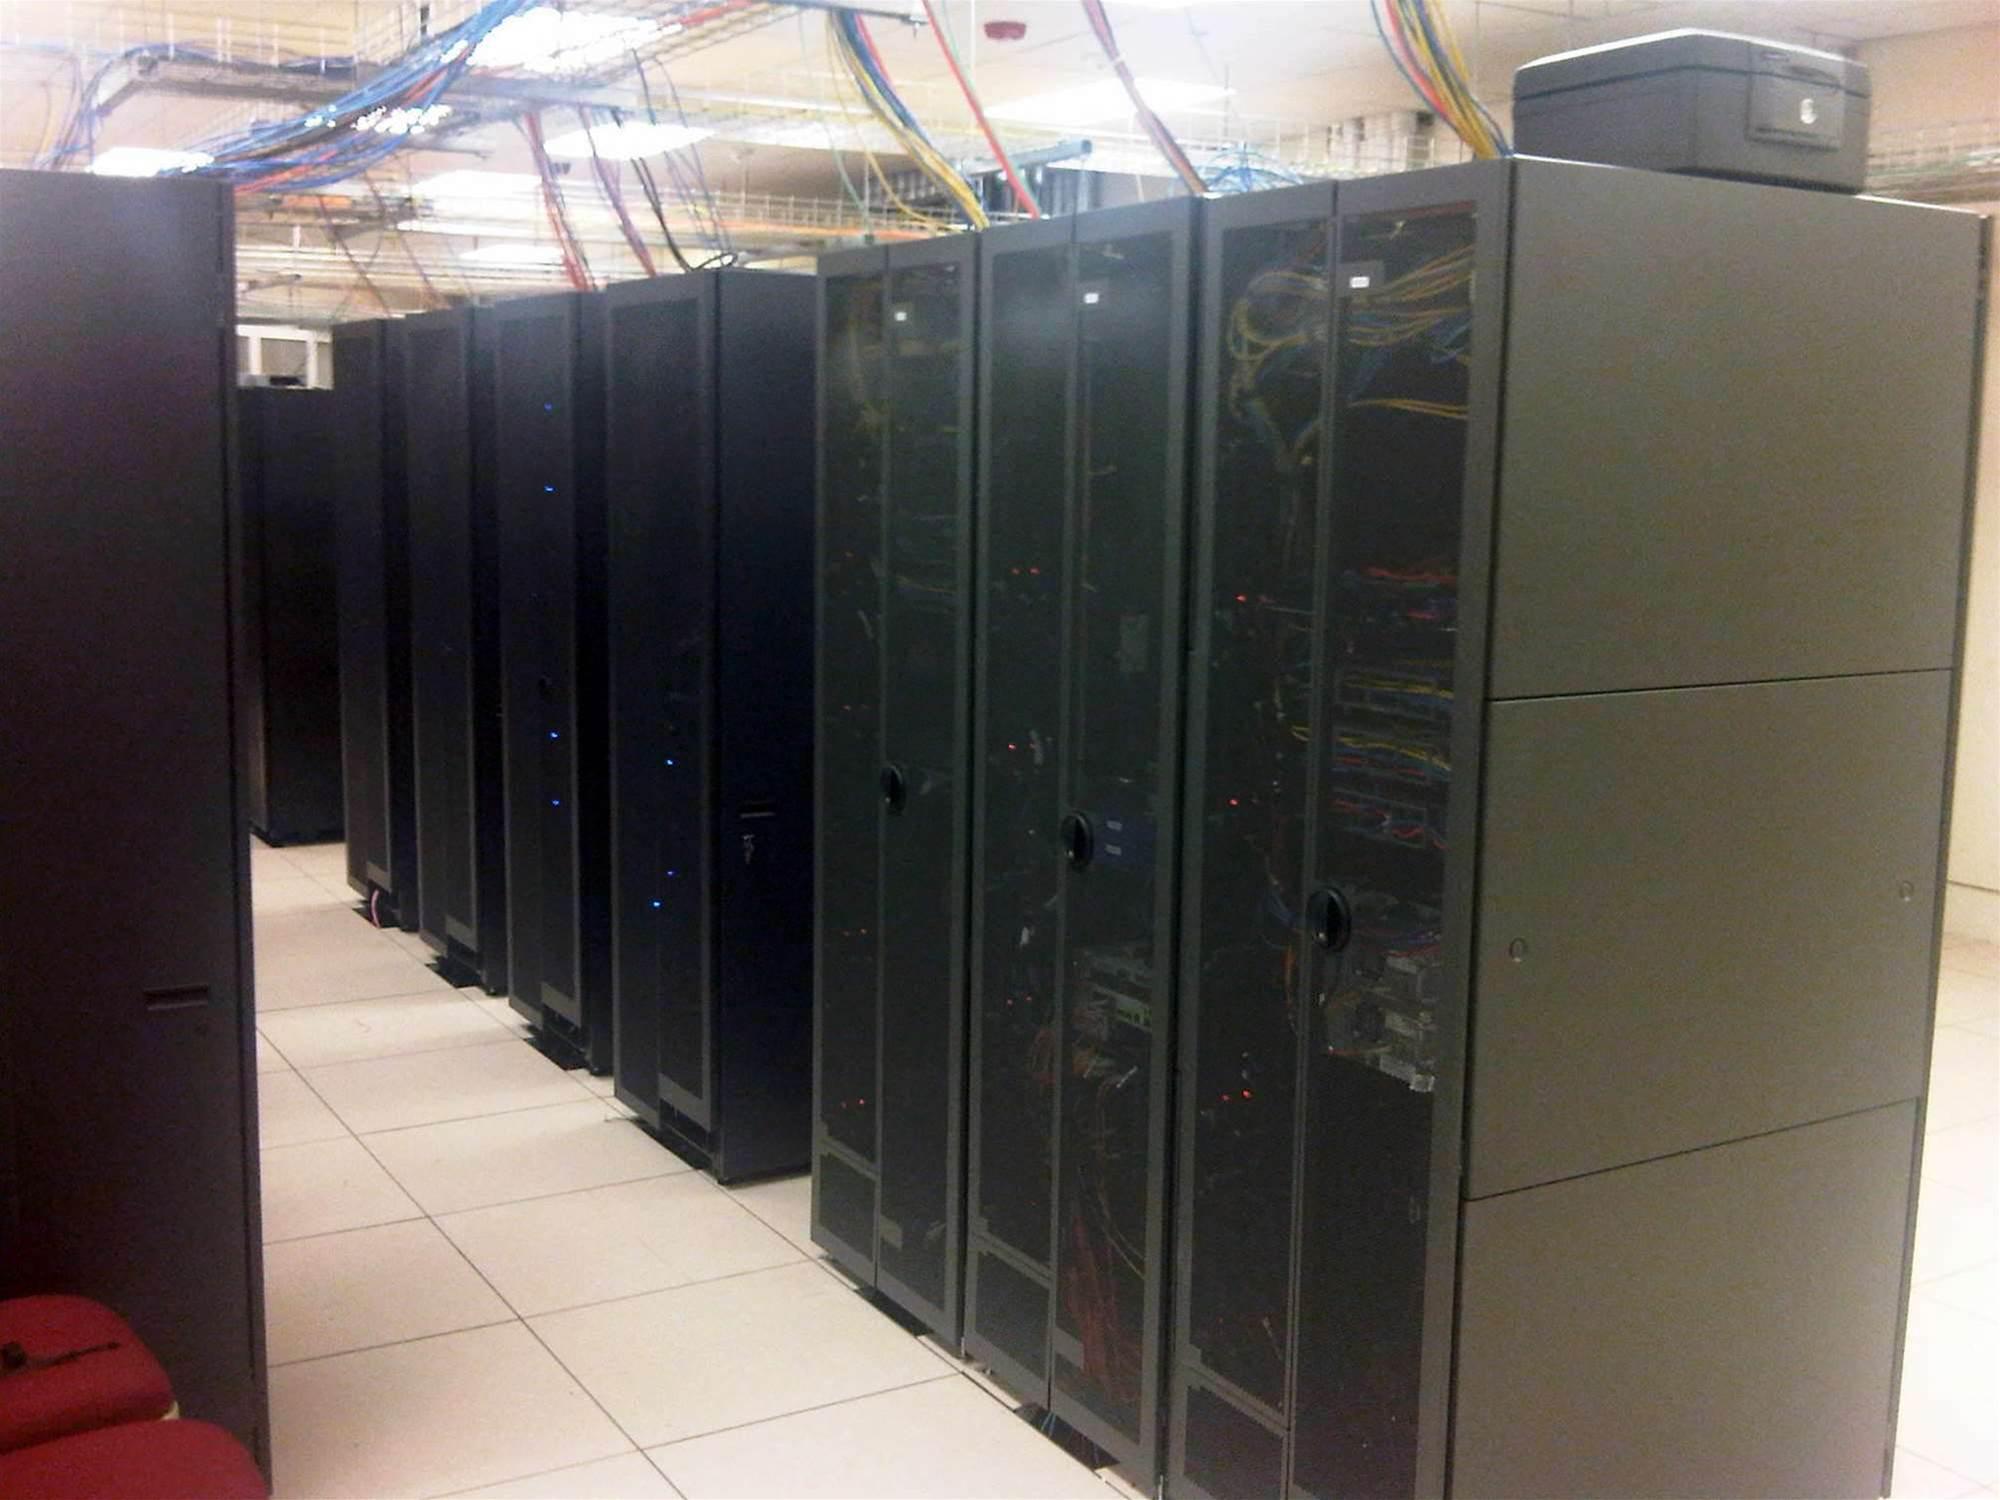 Photos: Inside a Vegas casino data centre